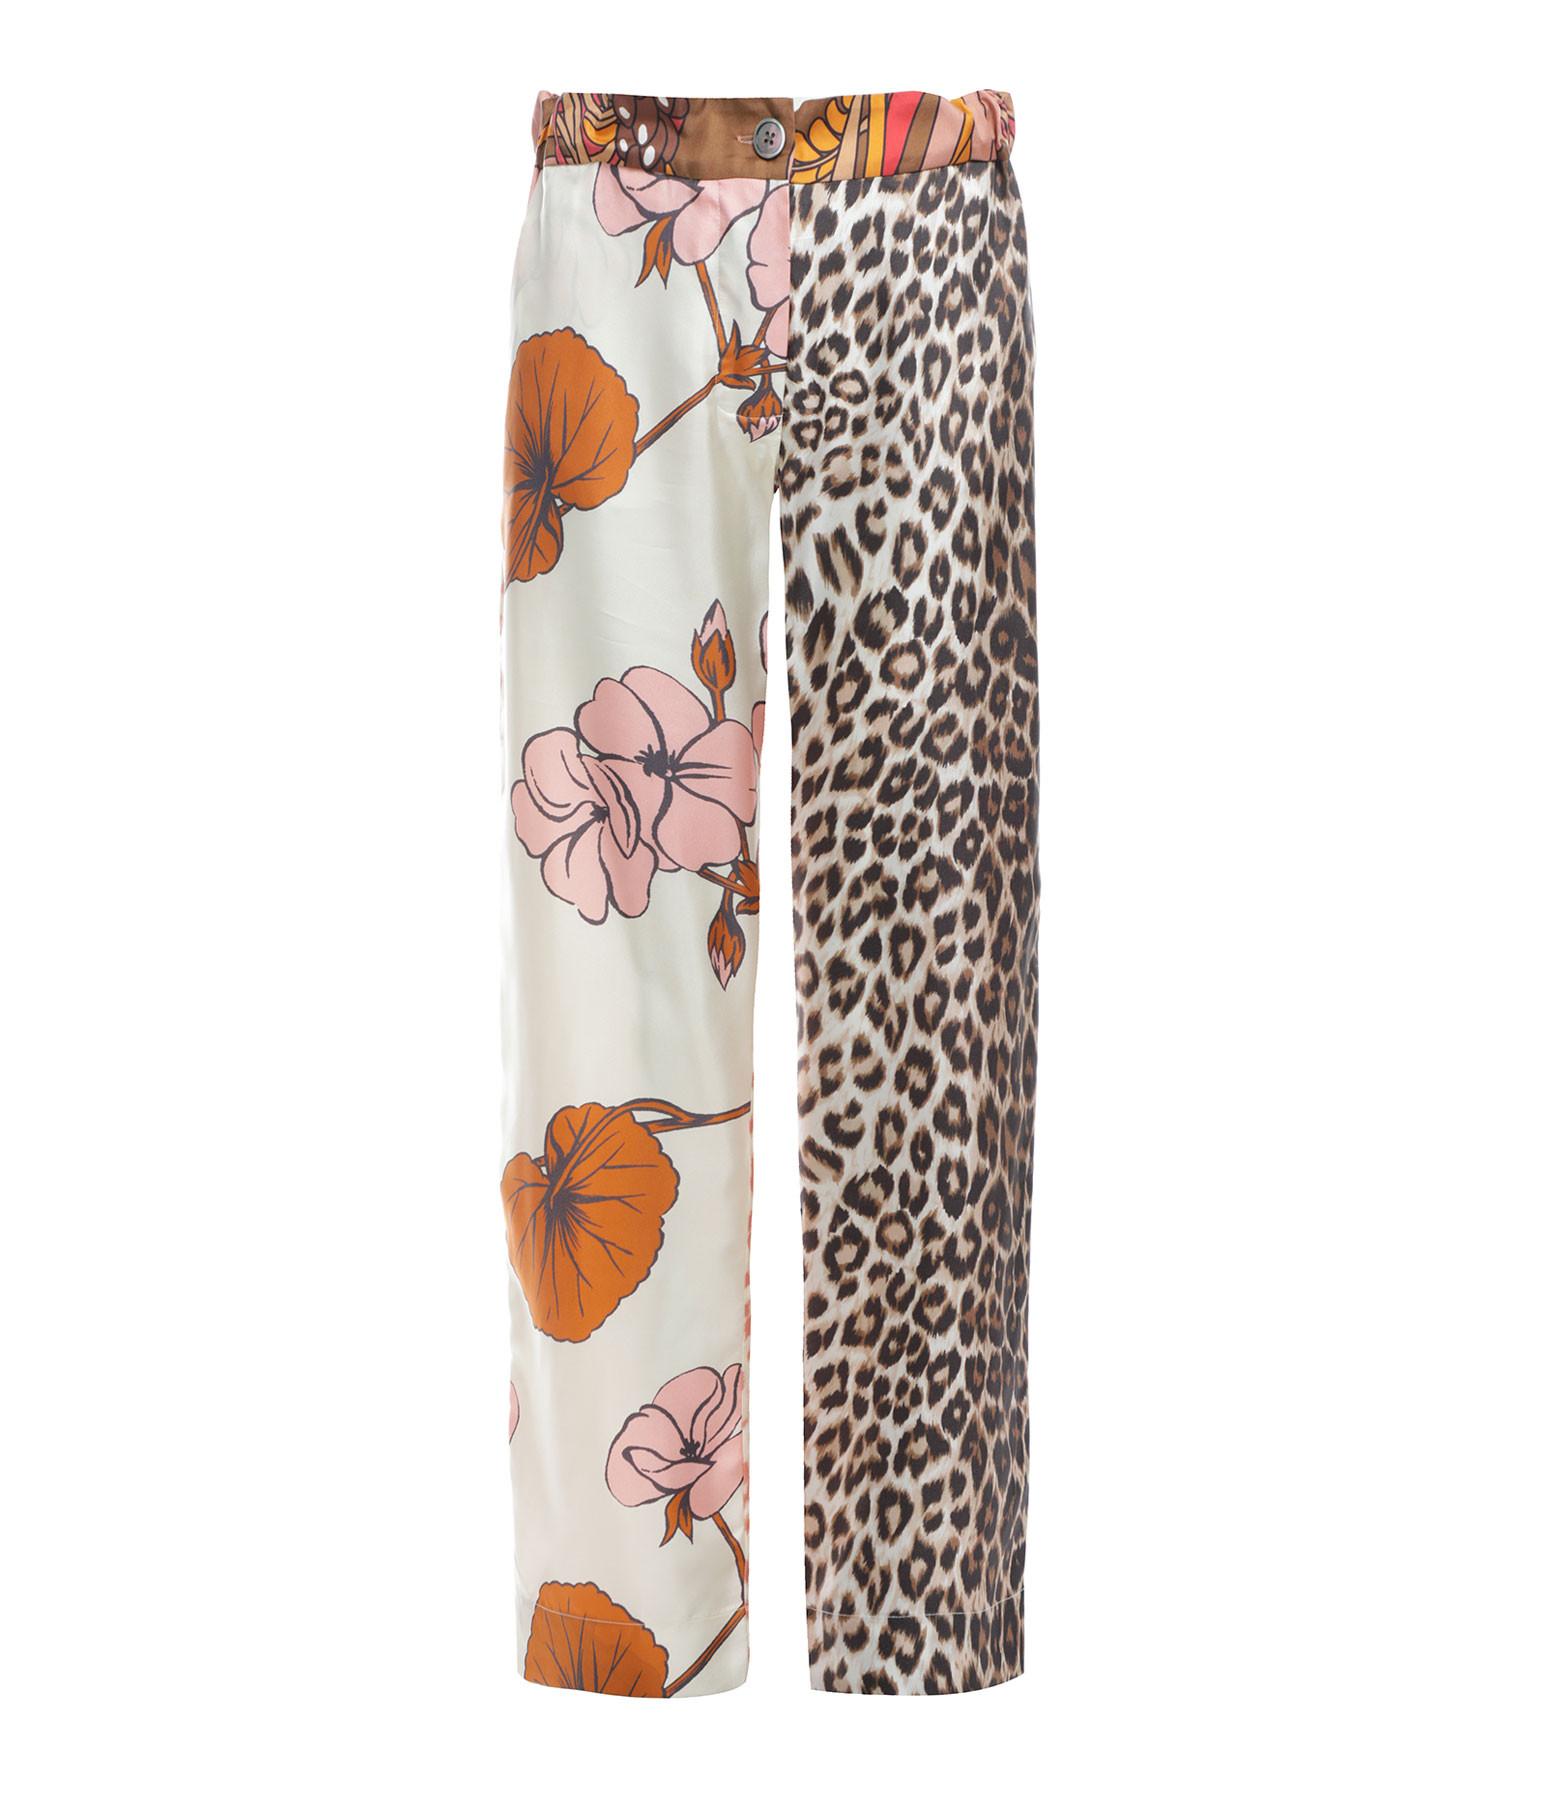 LA PRESTIC OUISTON - Pantalon Lucky Soie Imprimé Fleurs, Capsule Recyclé